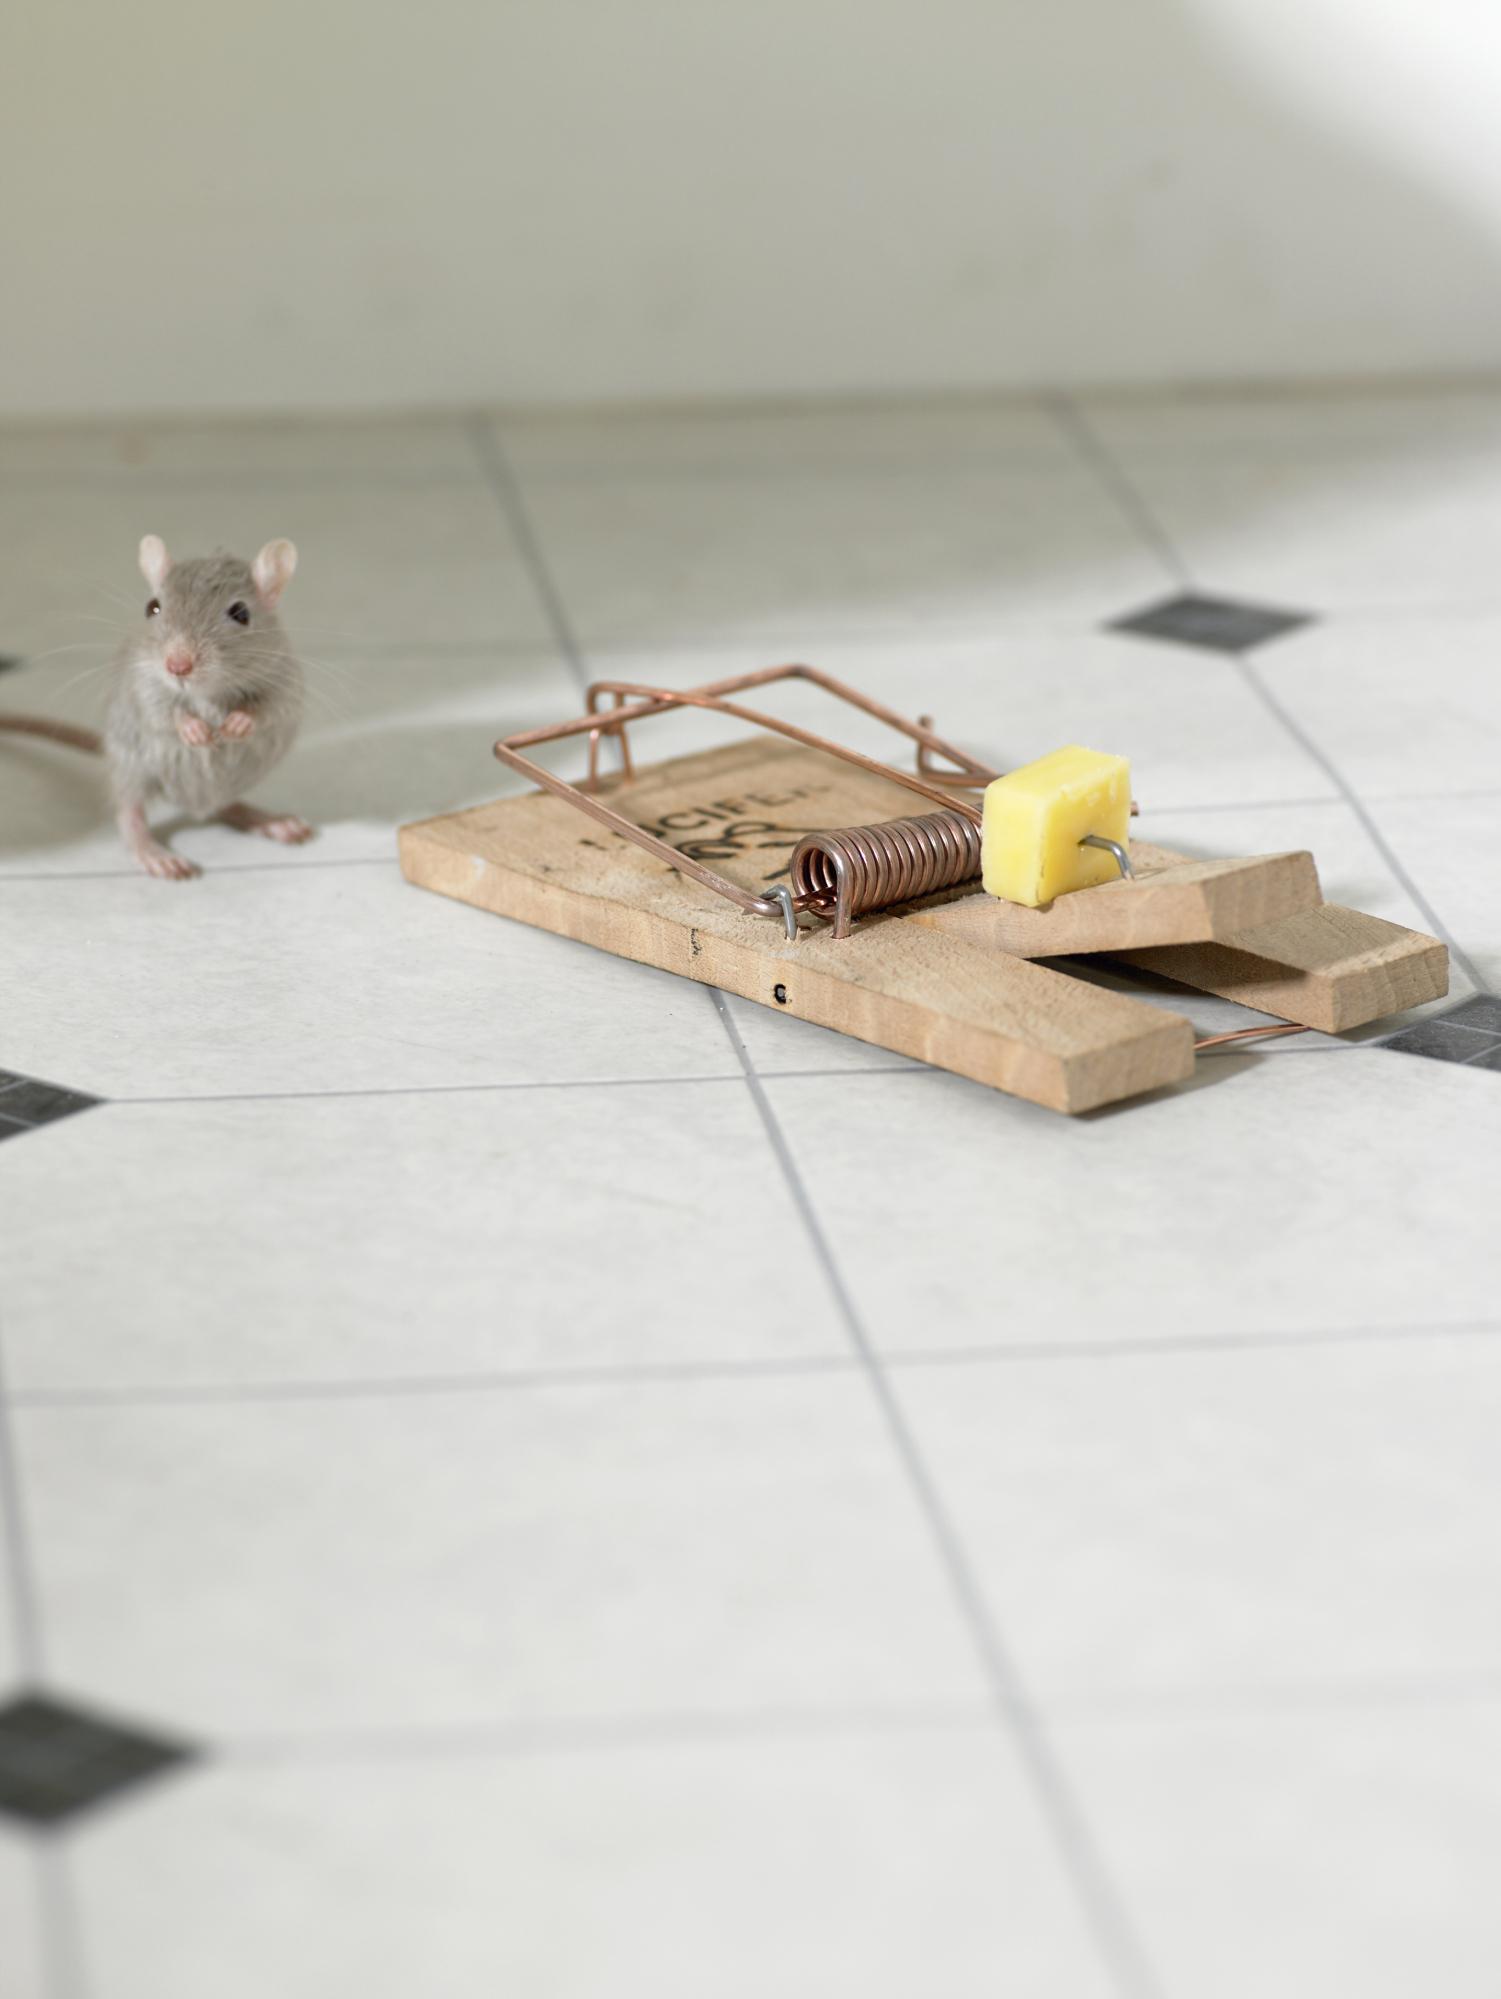 Cuál es un buen cebo para ratones? |